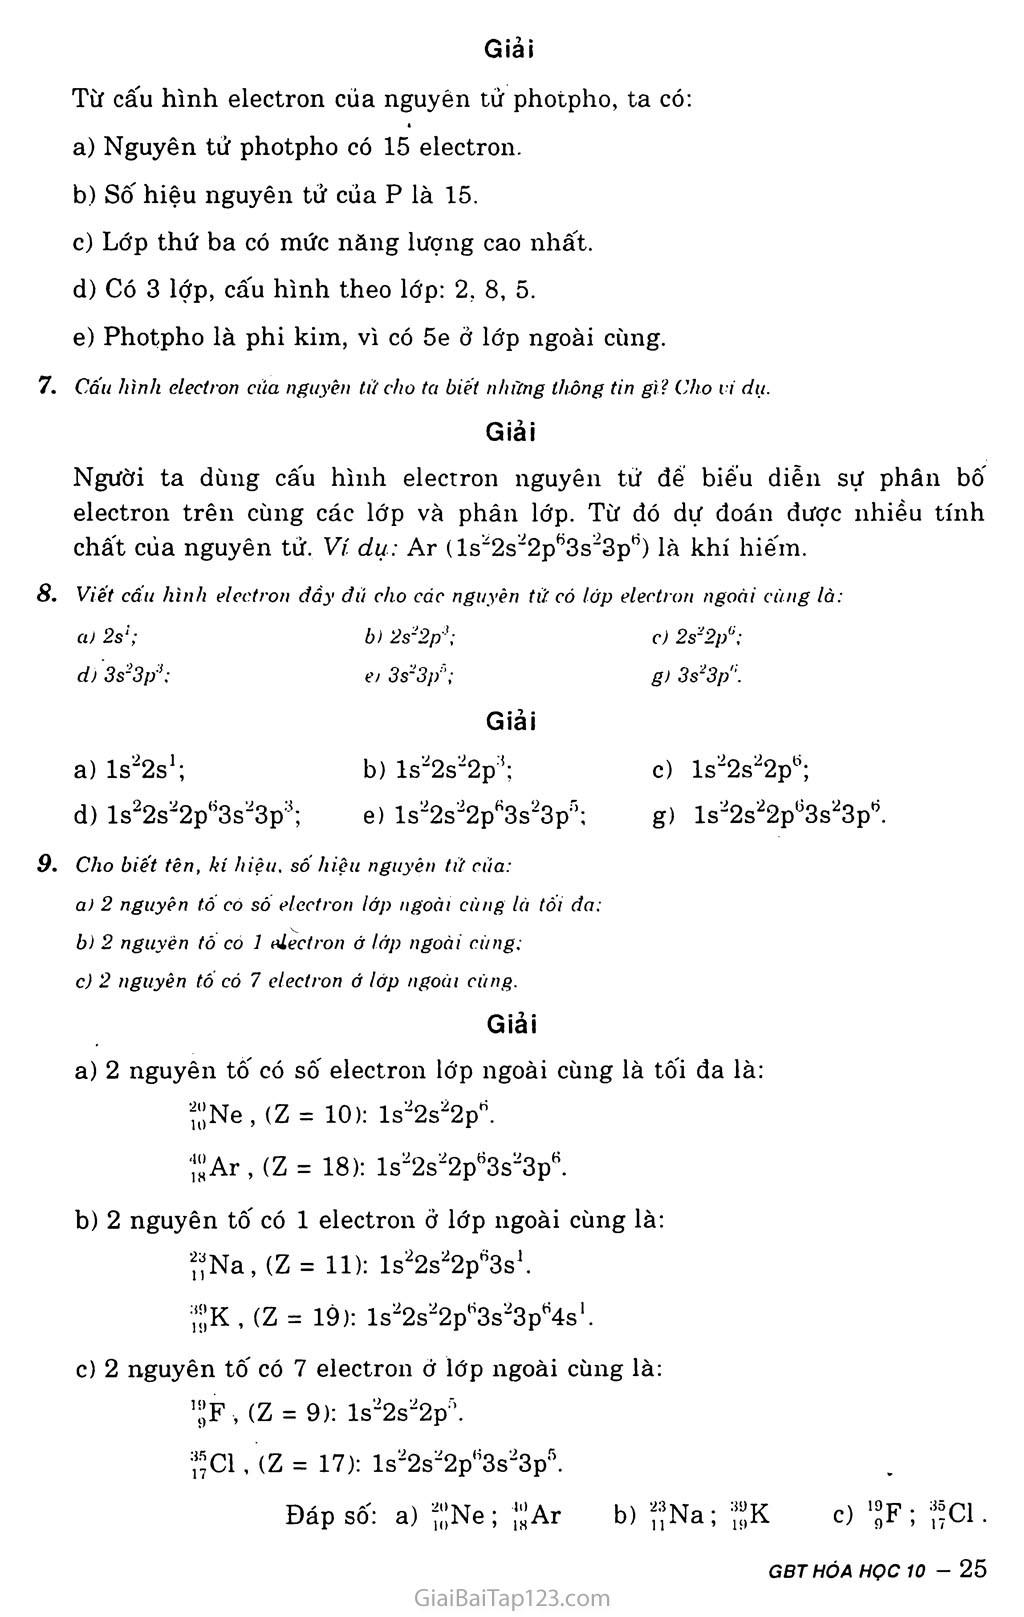 Bài 6: Luyện tập: Cấu tạo vỏ nguyên tử trang 3